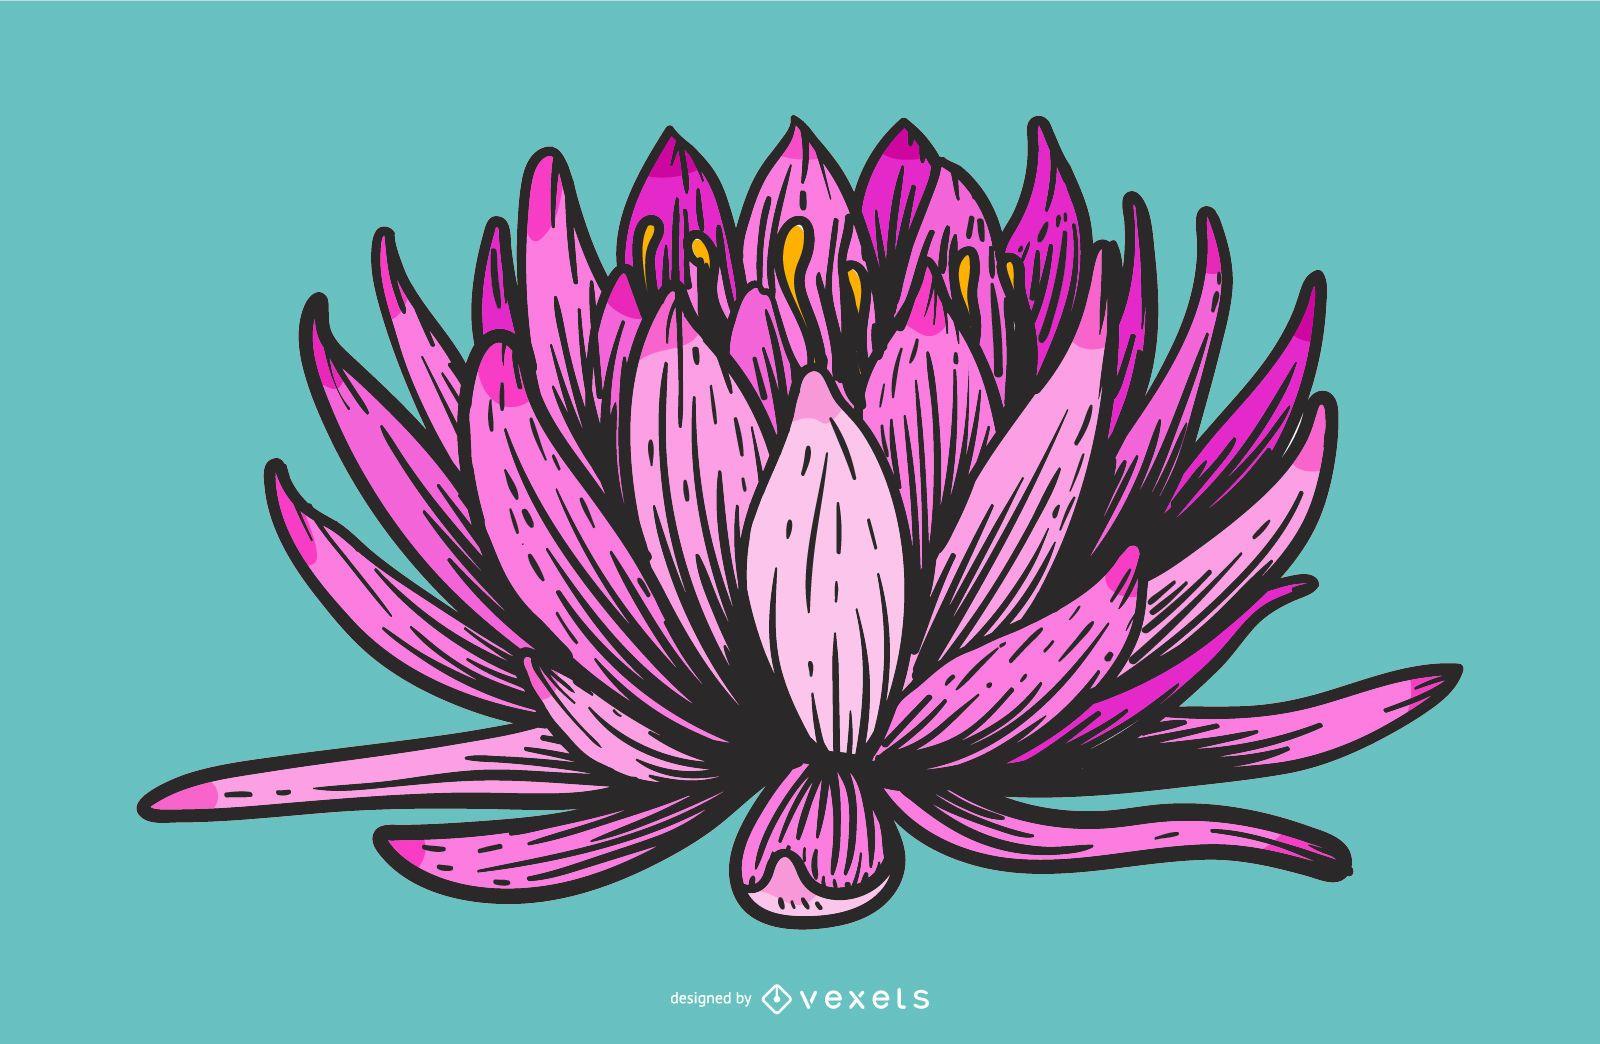 Lotus flower cartoon design vector download image user izmirmasajfo